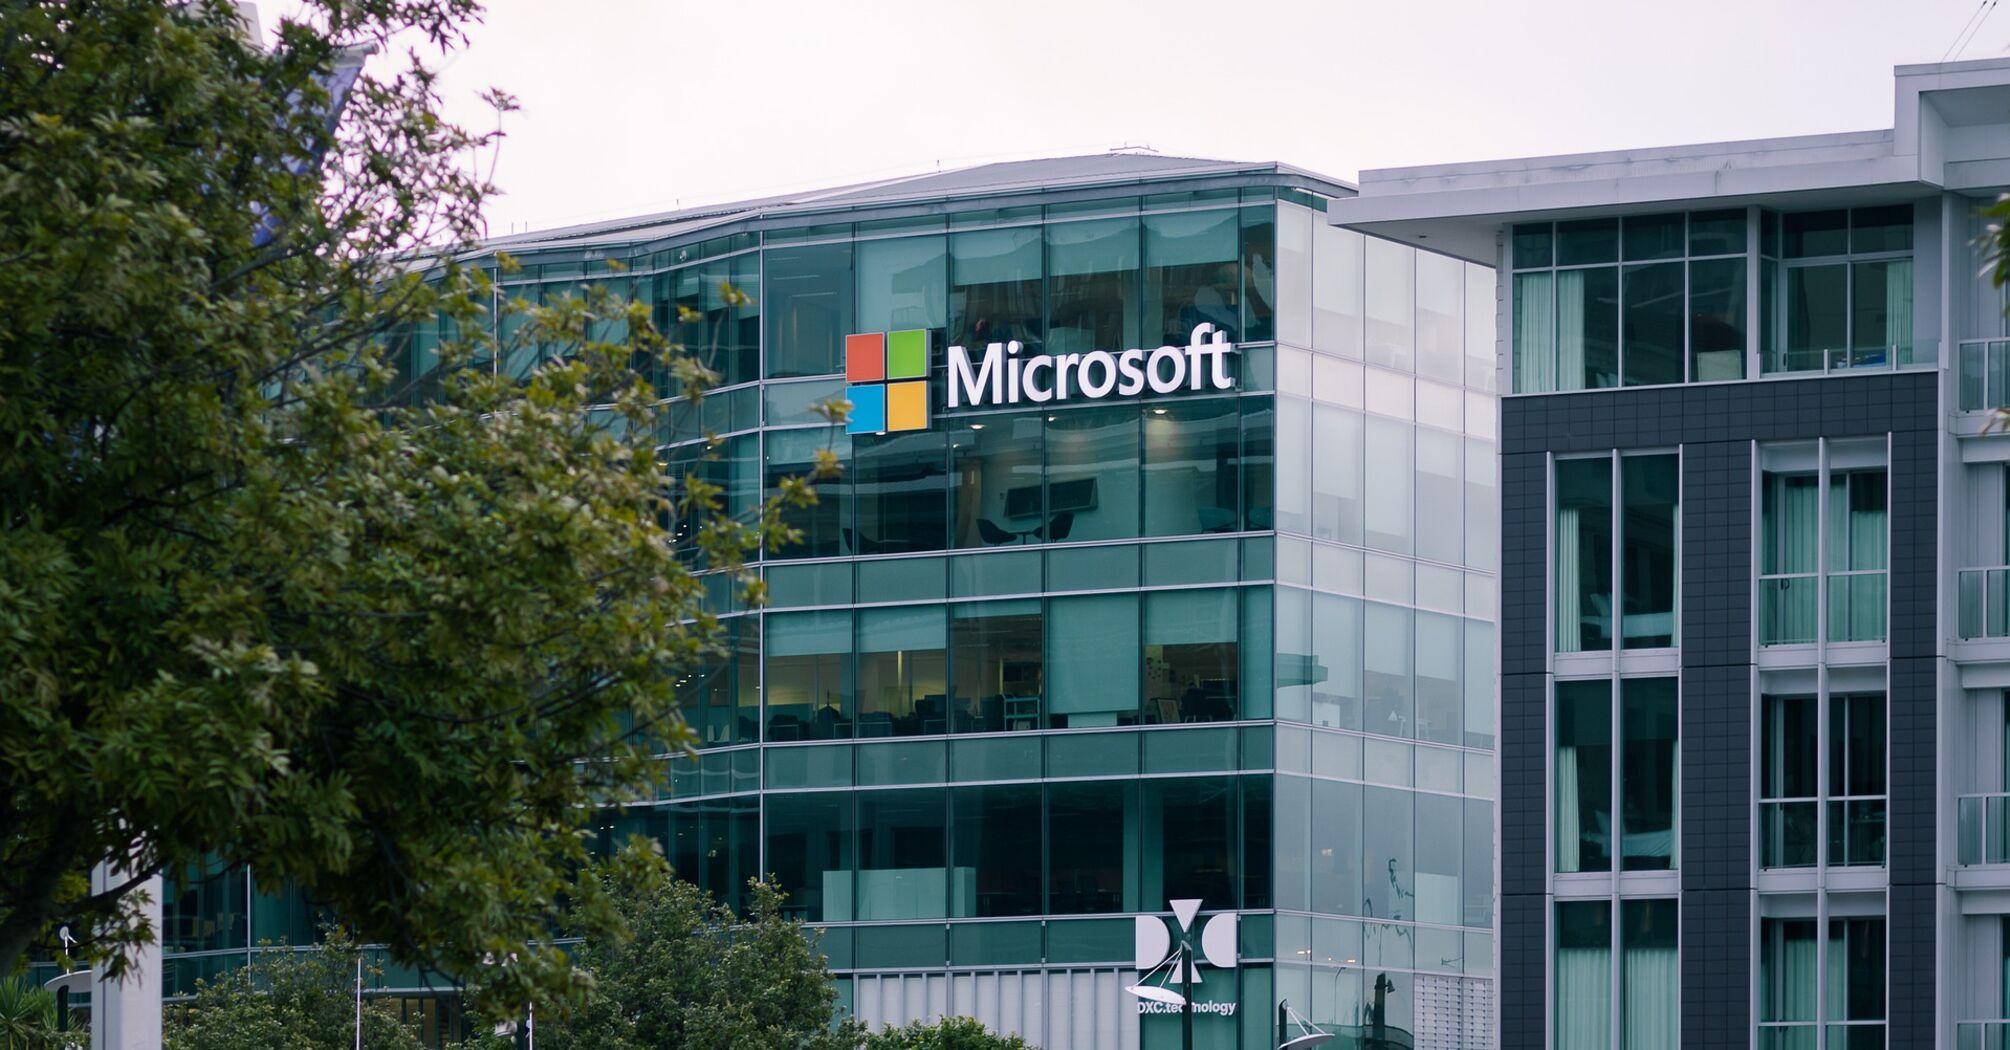 Как бесплатно получить Windows 11: назван простой и легальный способ